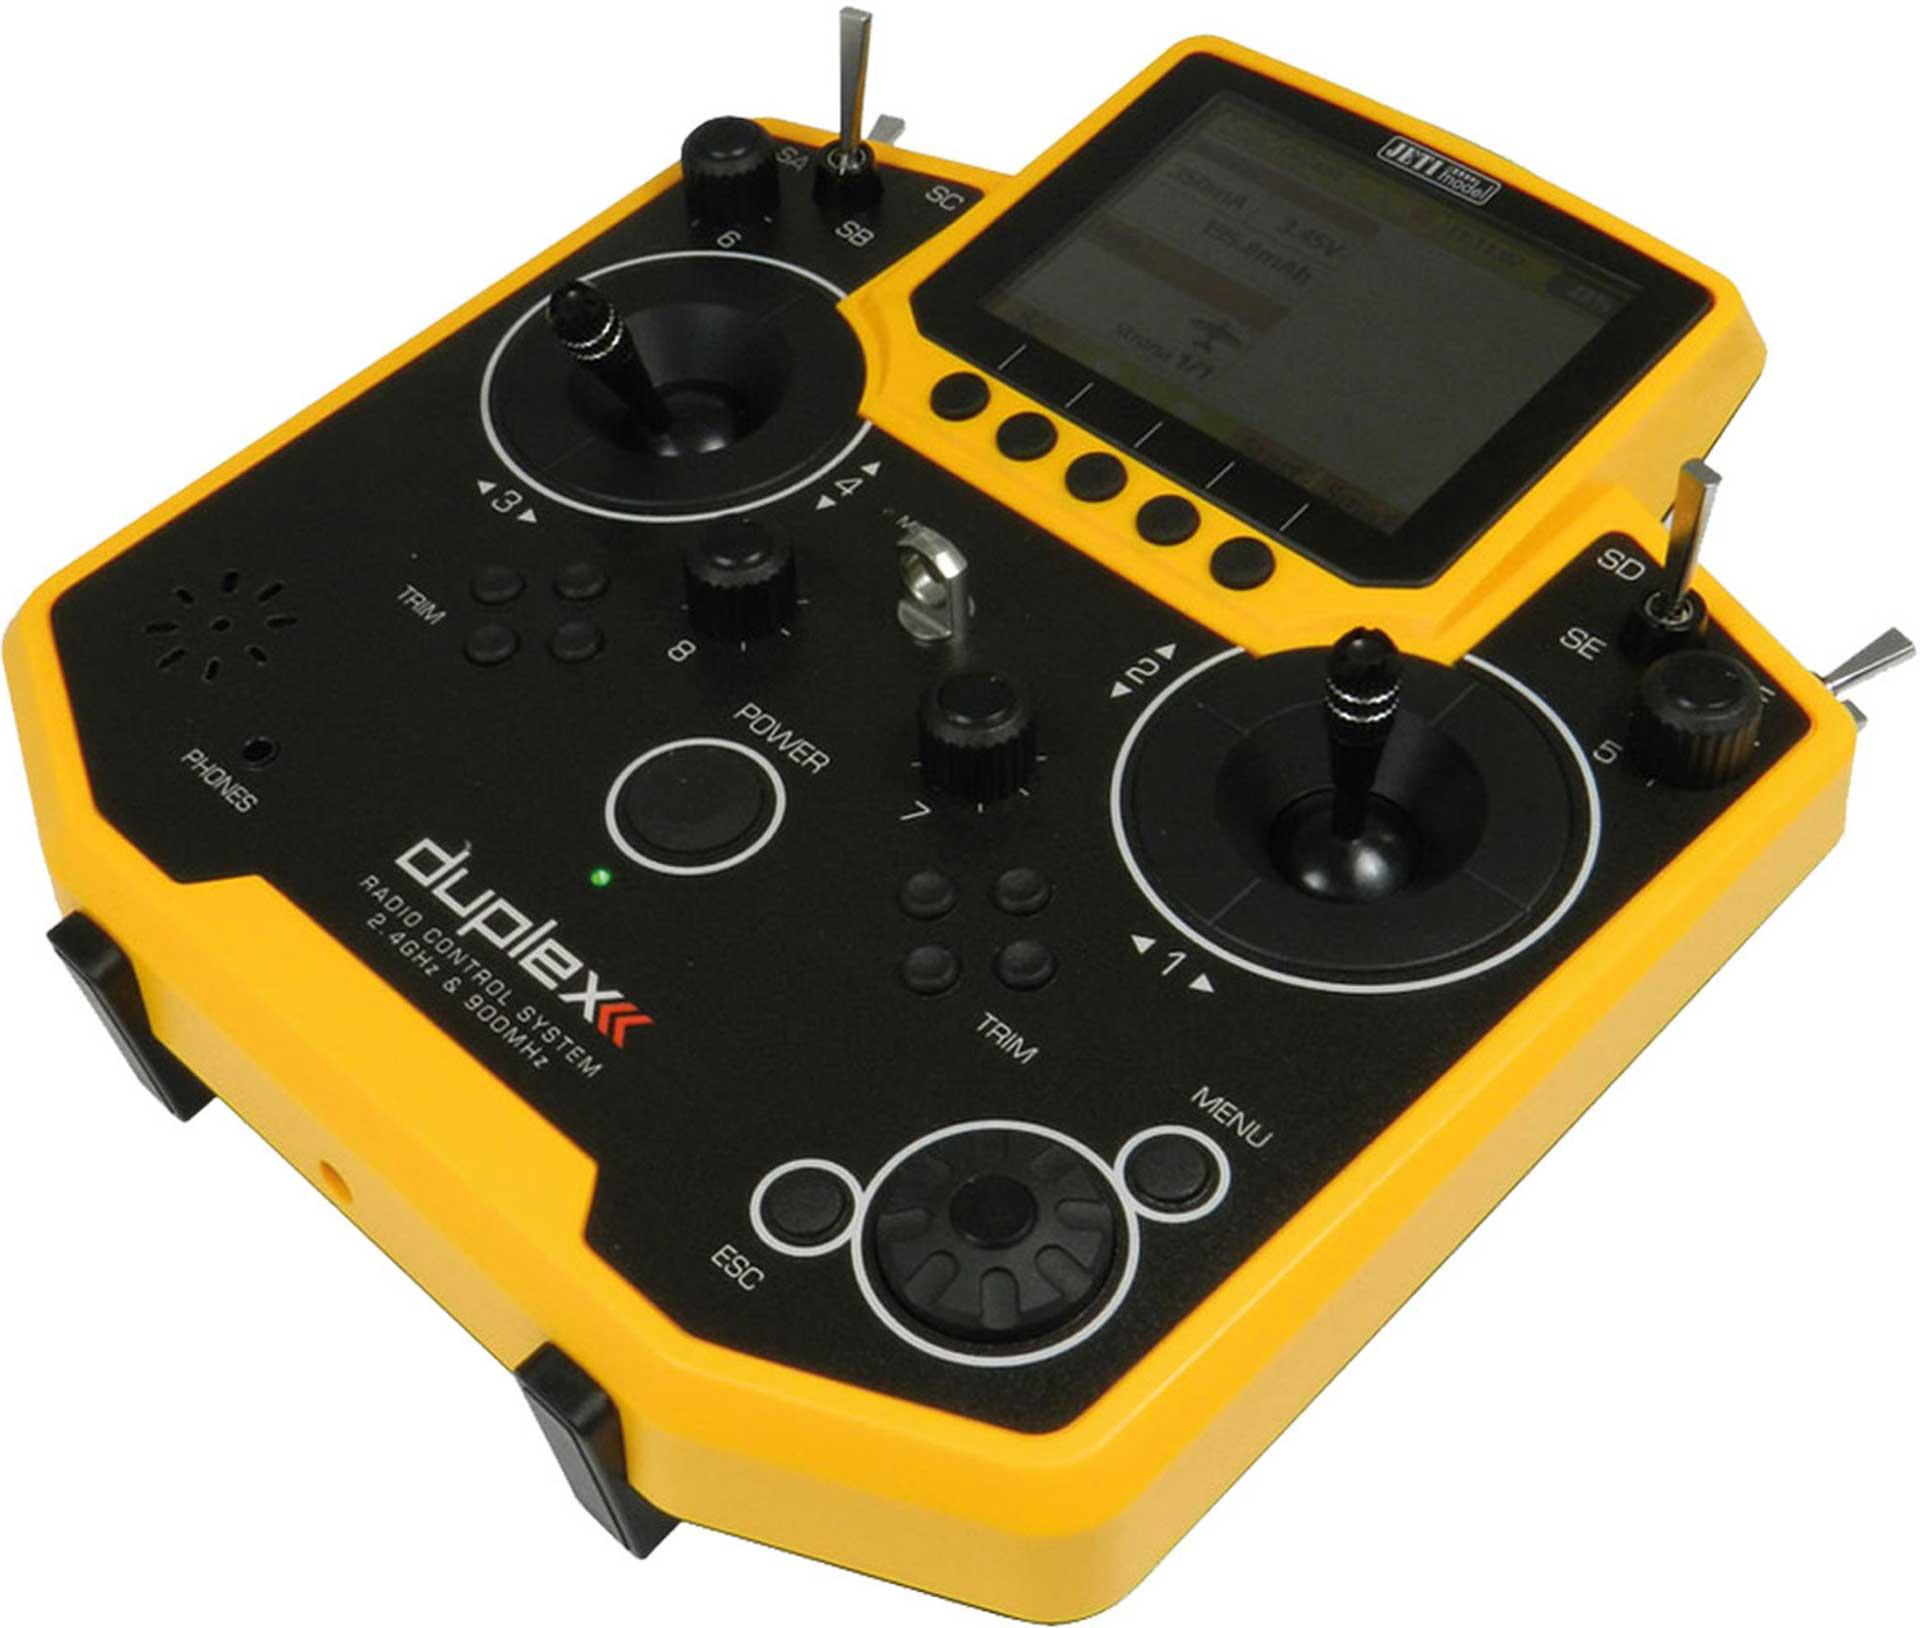 JETI DS-12 DUPLEX HANDSENDER GELB DUPLEX 2,4E 2,4Ghz FERNSTEUERUNG